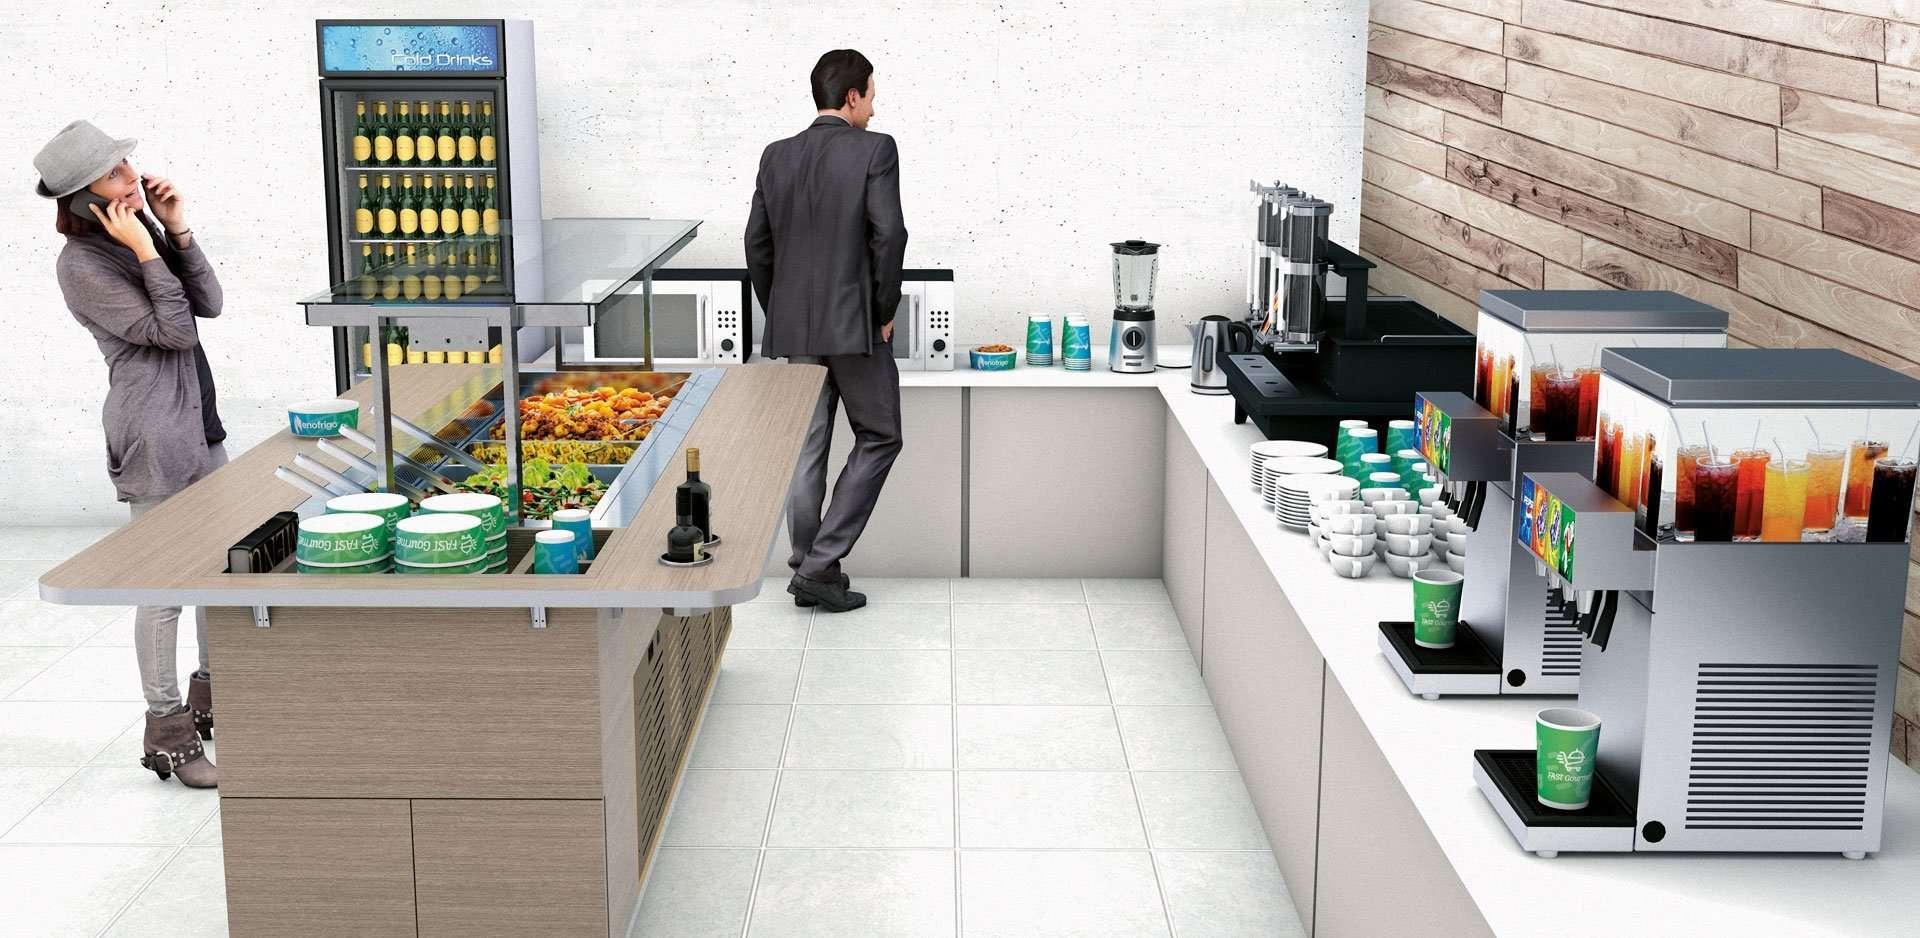 ambientazione-fresh-food-court